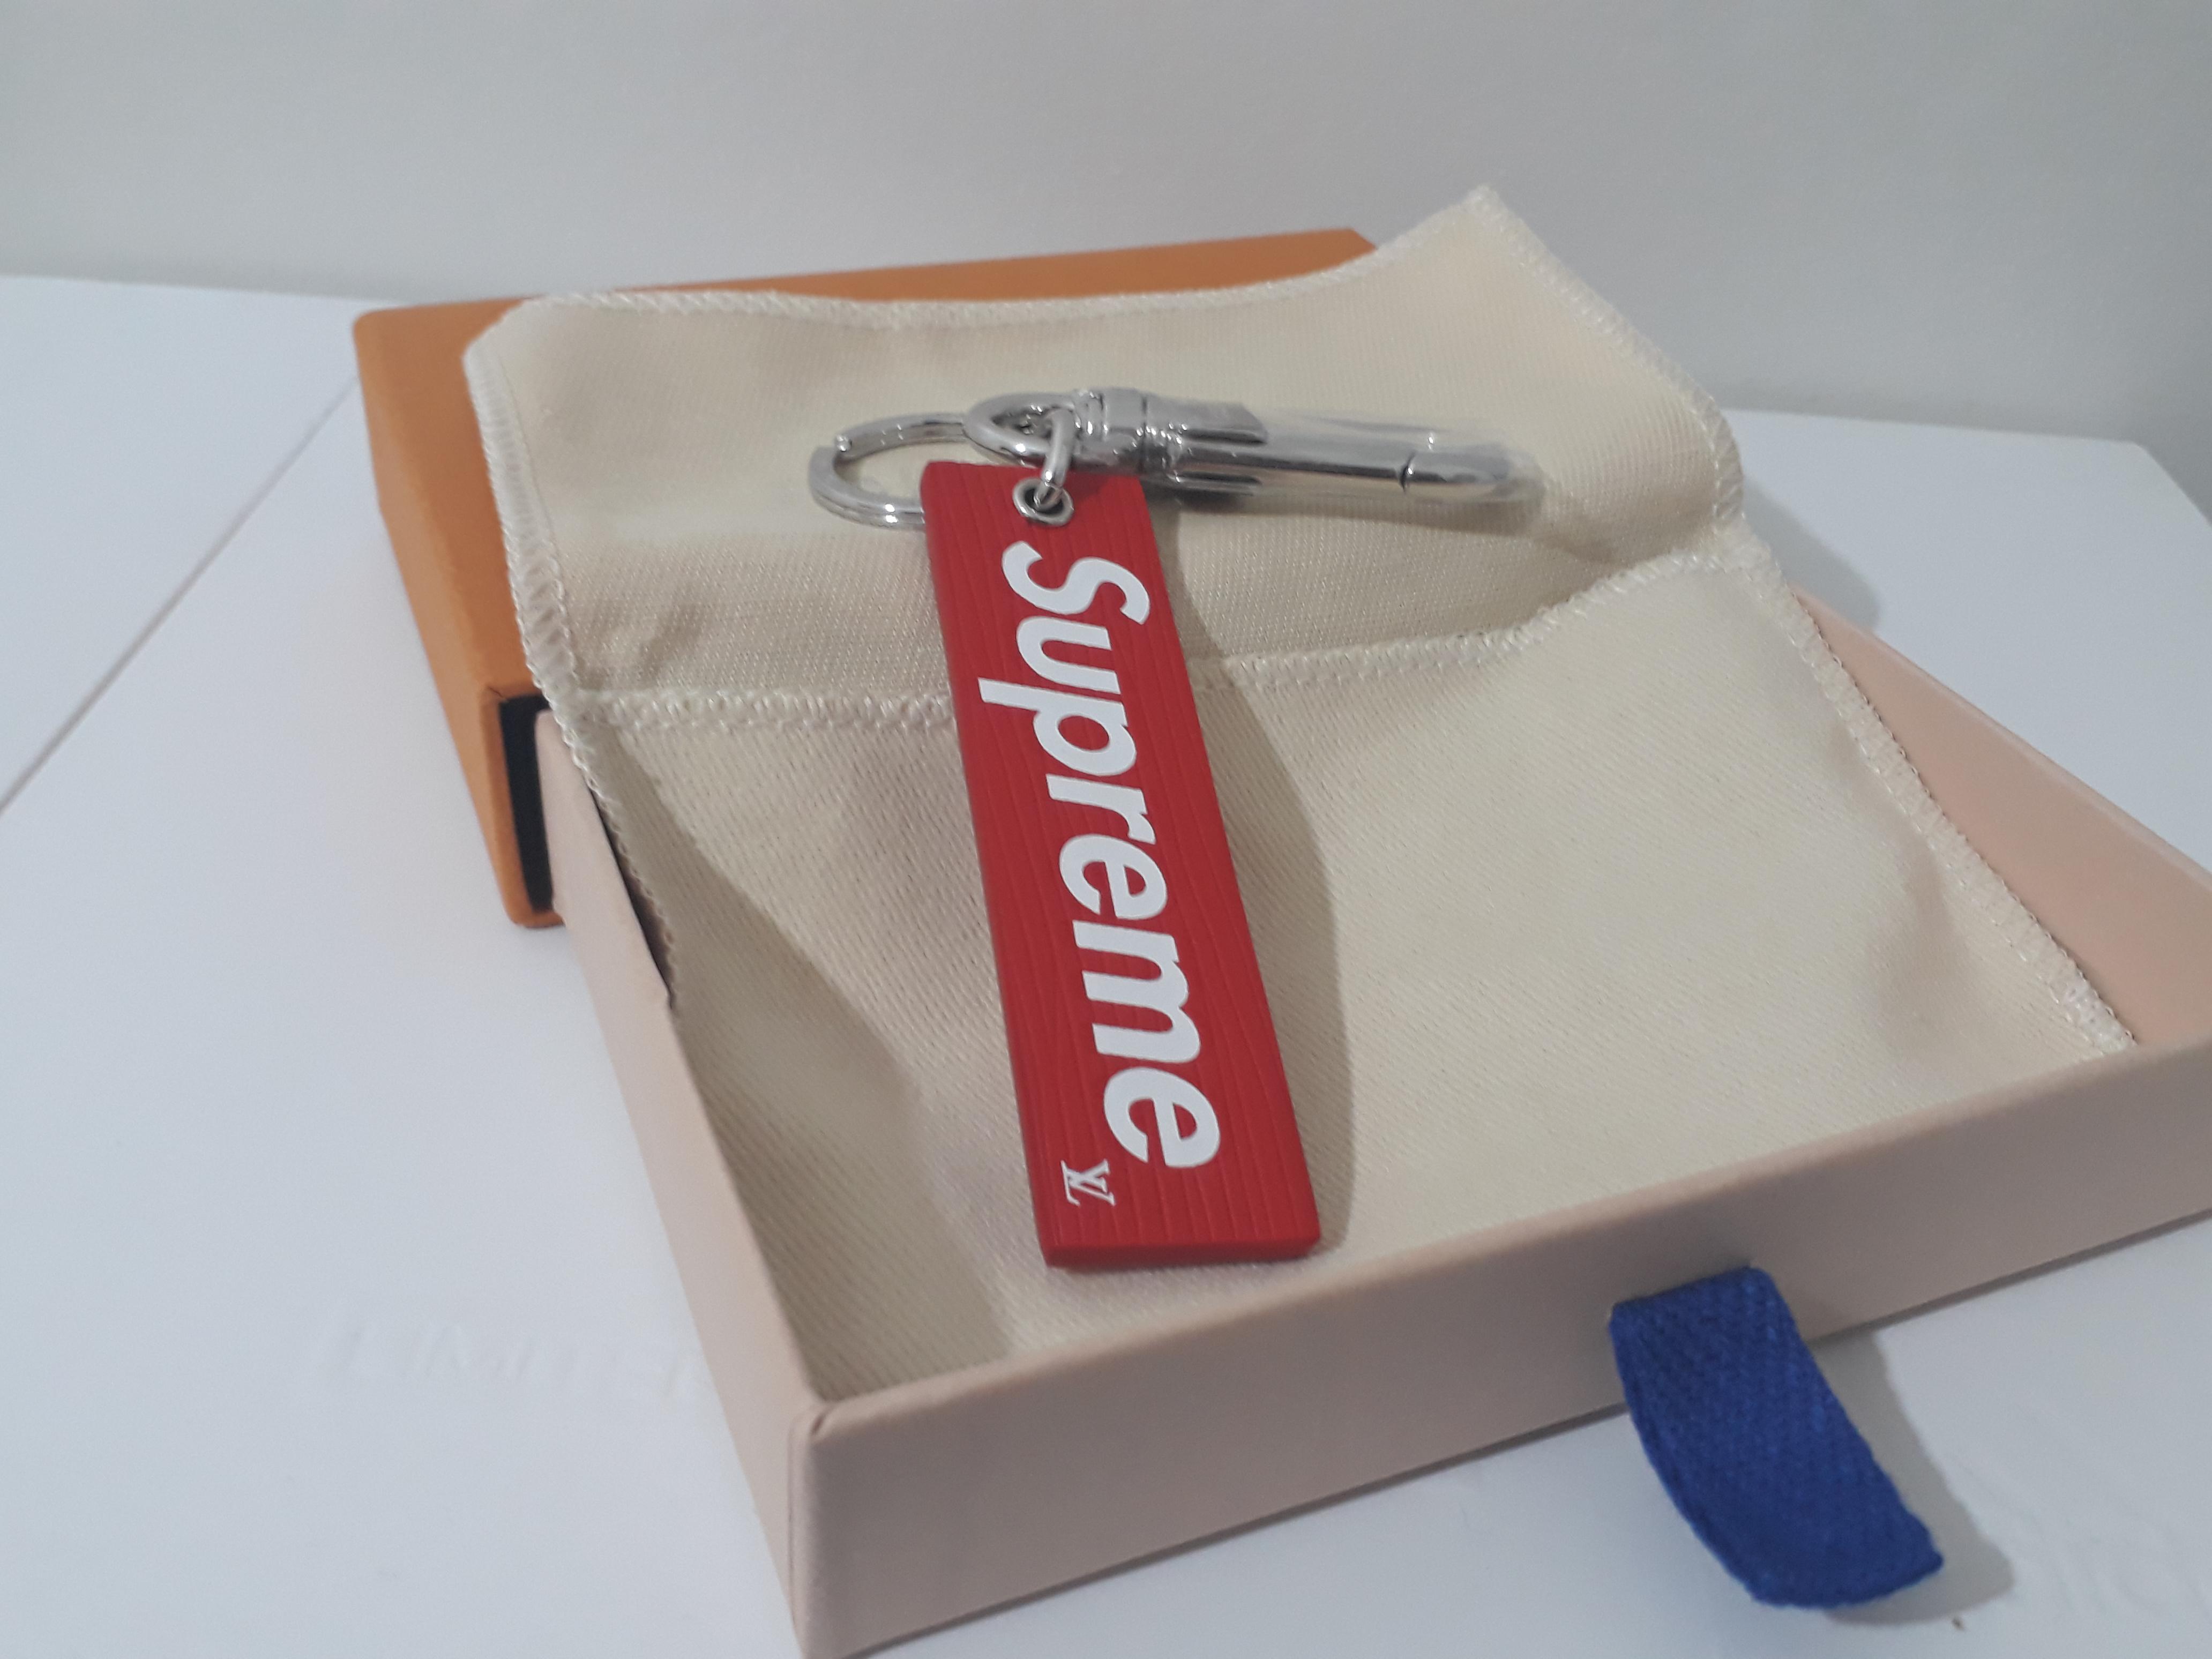 03bc03b908bb Supreme × Louis Vuitton. supreme x louis vuitton downtown tab bag  charm keyholder red box ...